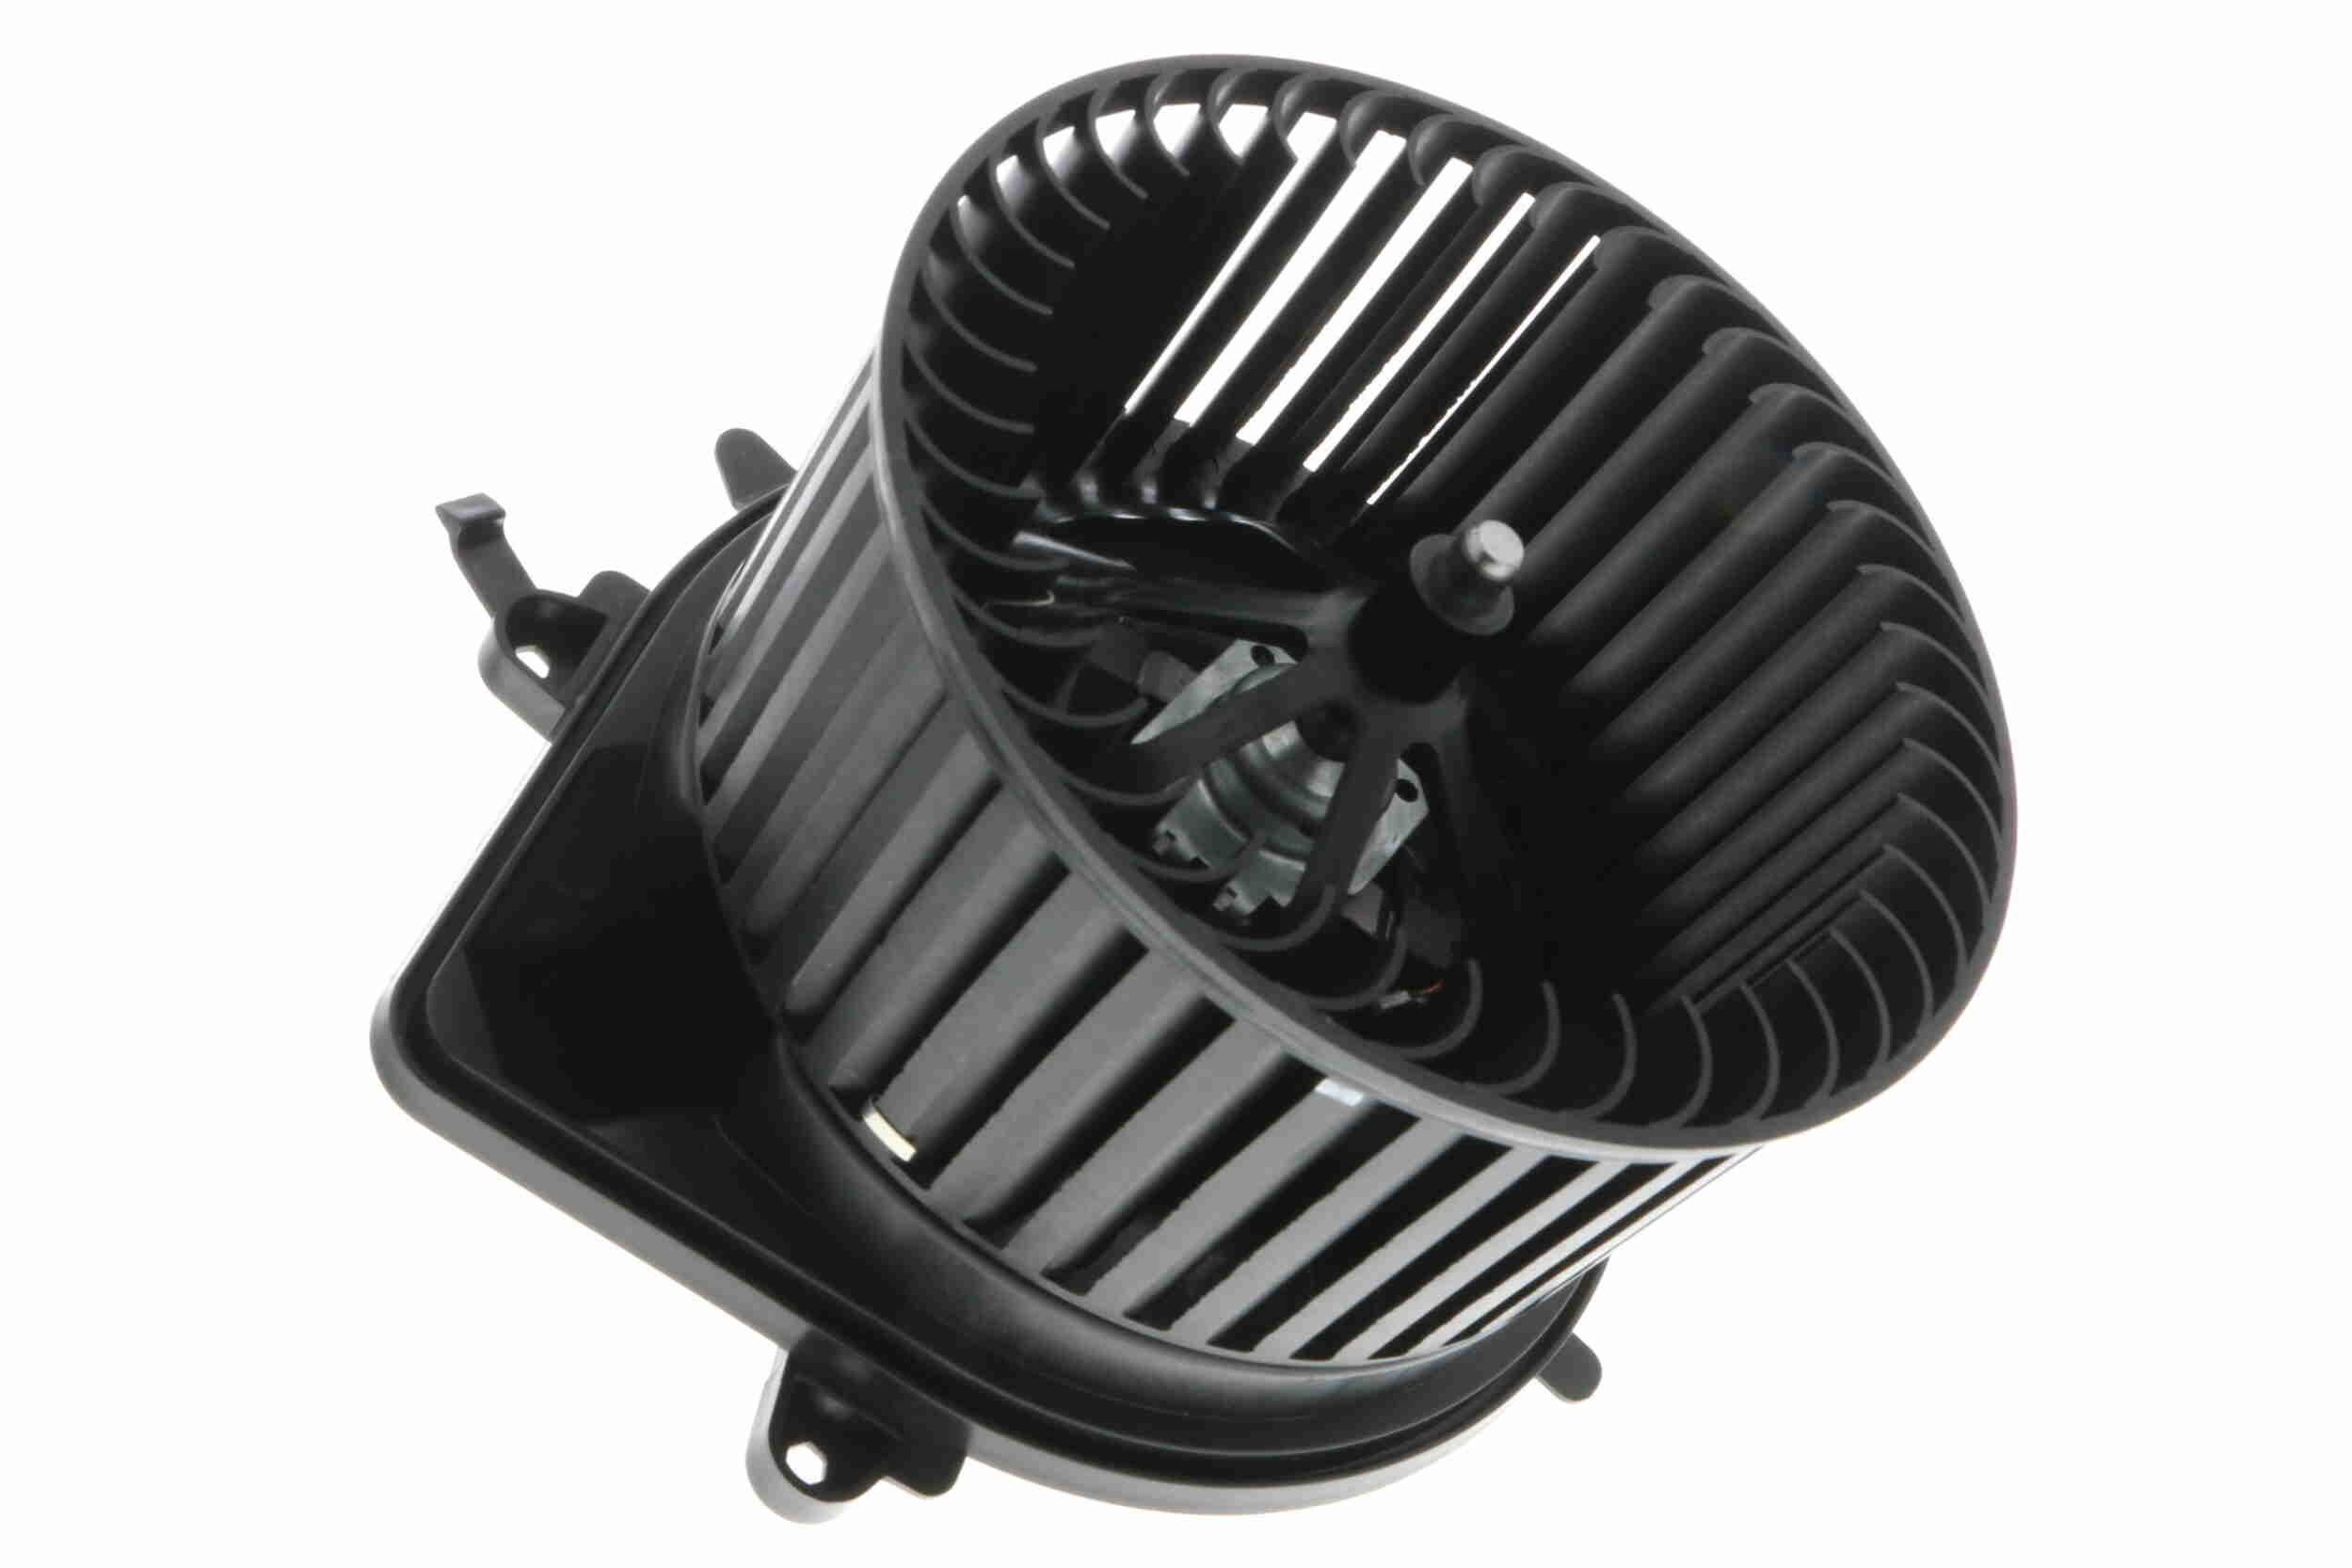 Heizgebläse V20-03-1155 VEMO V20-03-1155 in Original Qualität